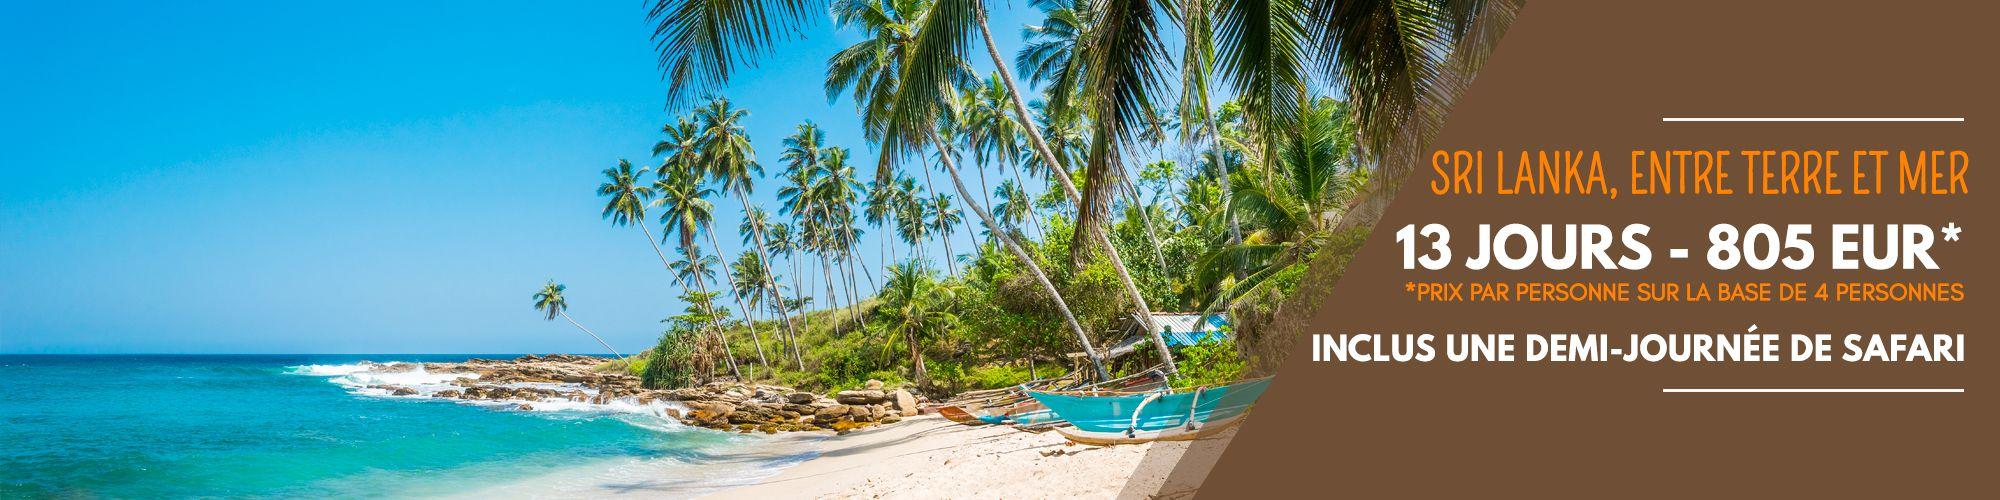 Sri Lanka, entre terre et mer